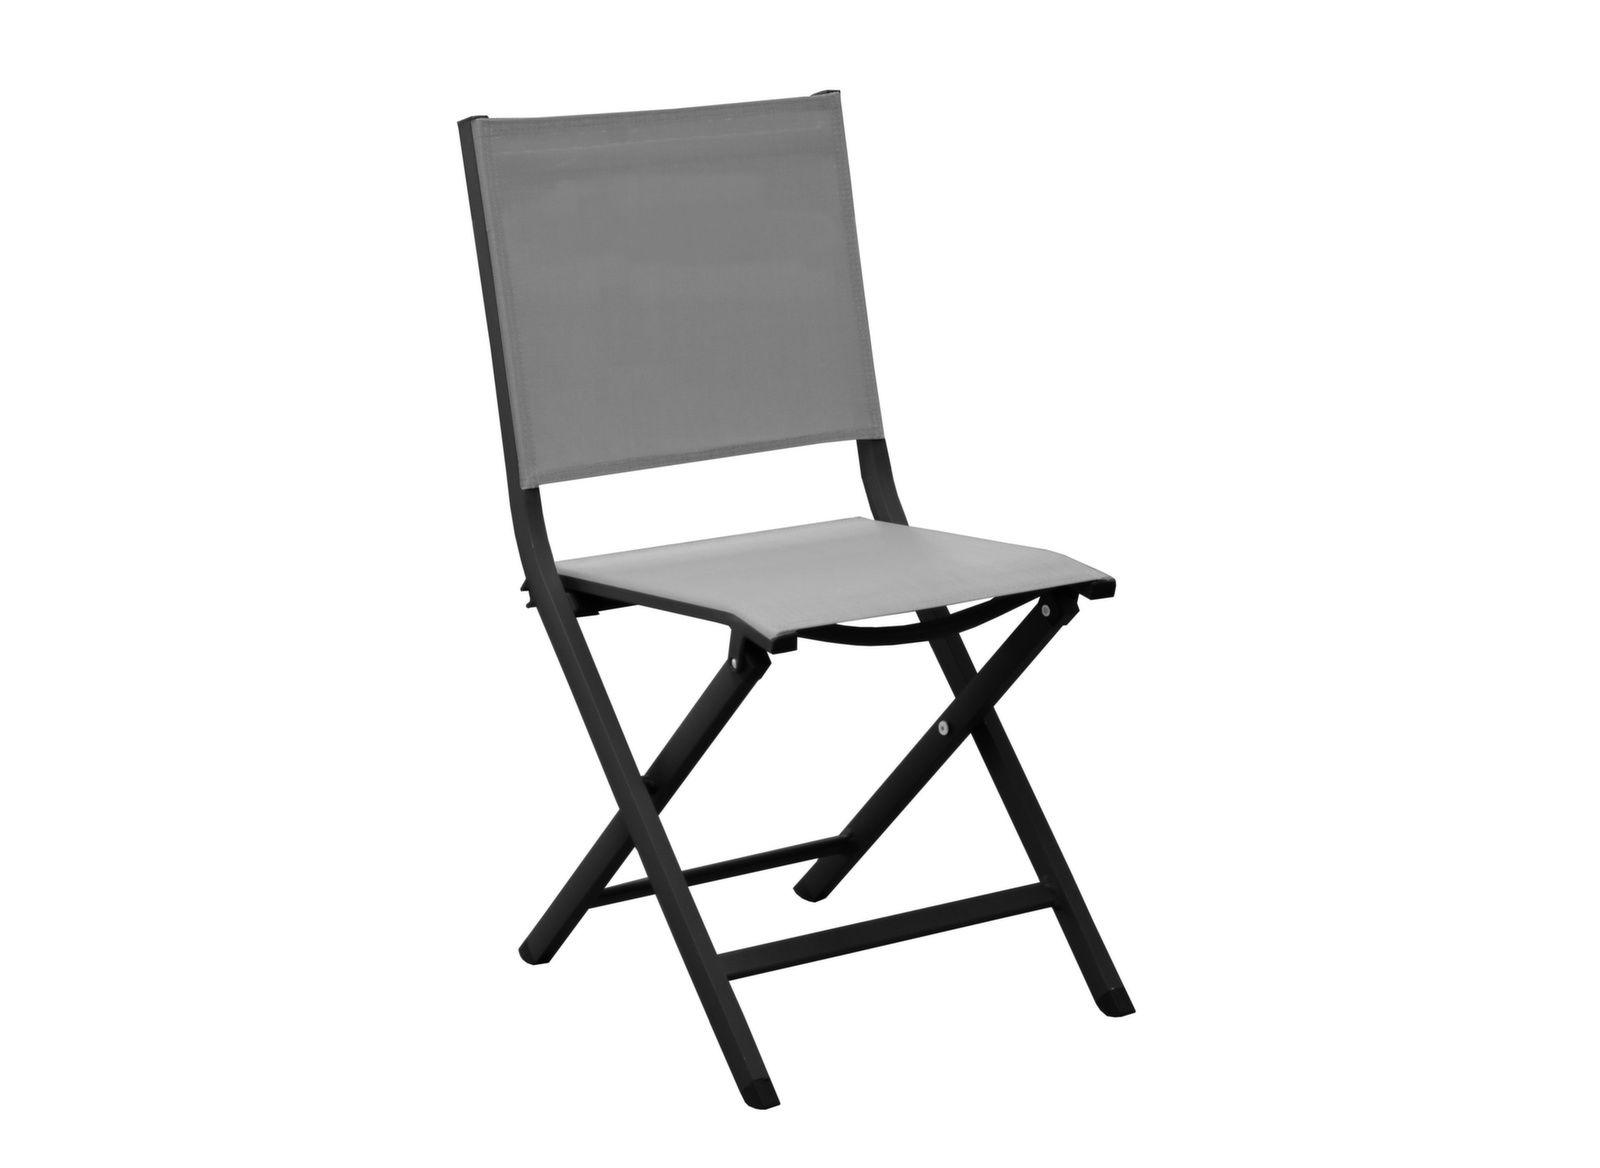 chaise pliante thema finition epoxy